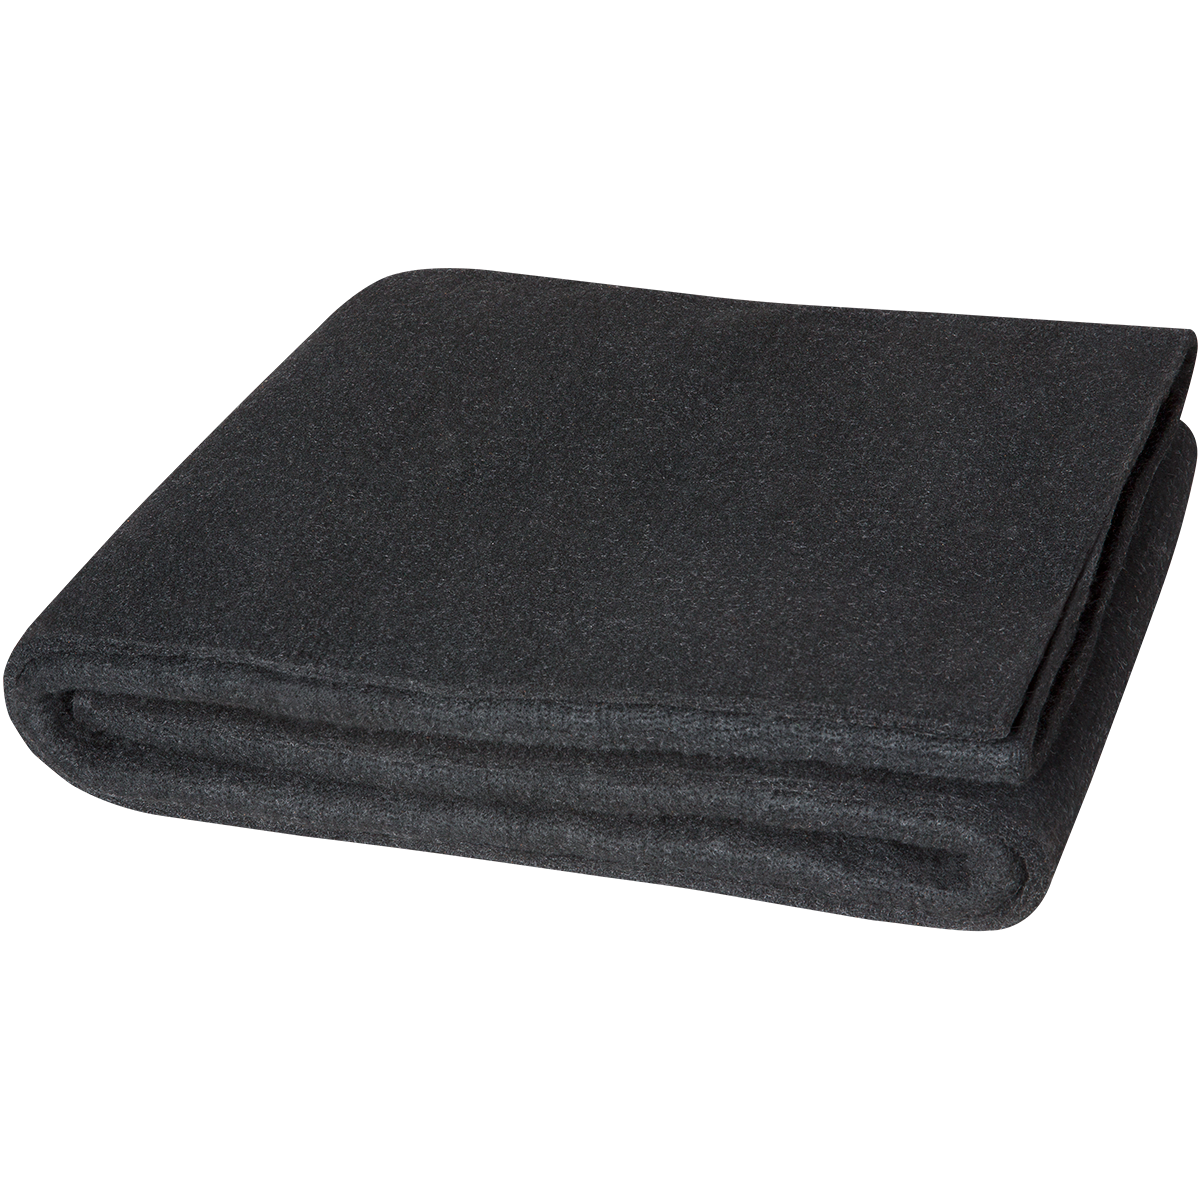 Velvet Shield 174 Hd 24 Oz Black Carbonized Fiber Welding